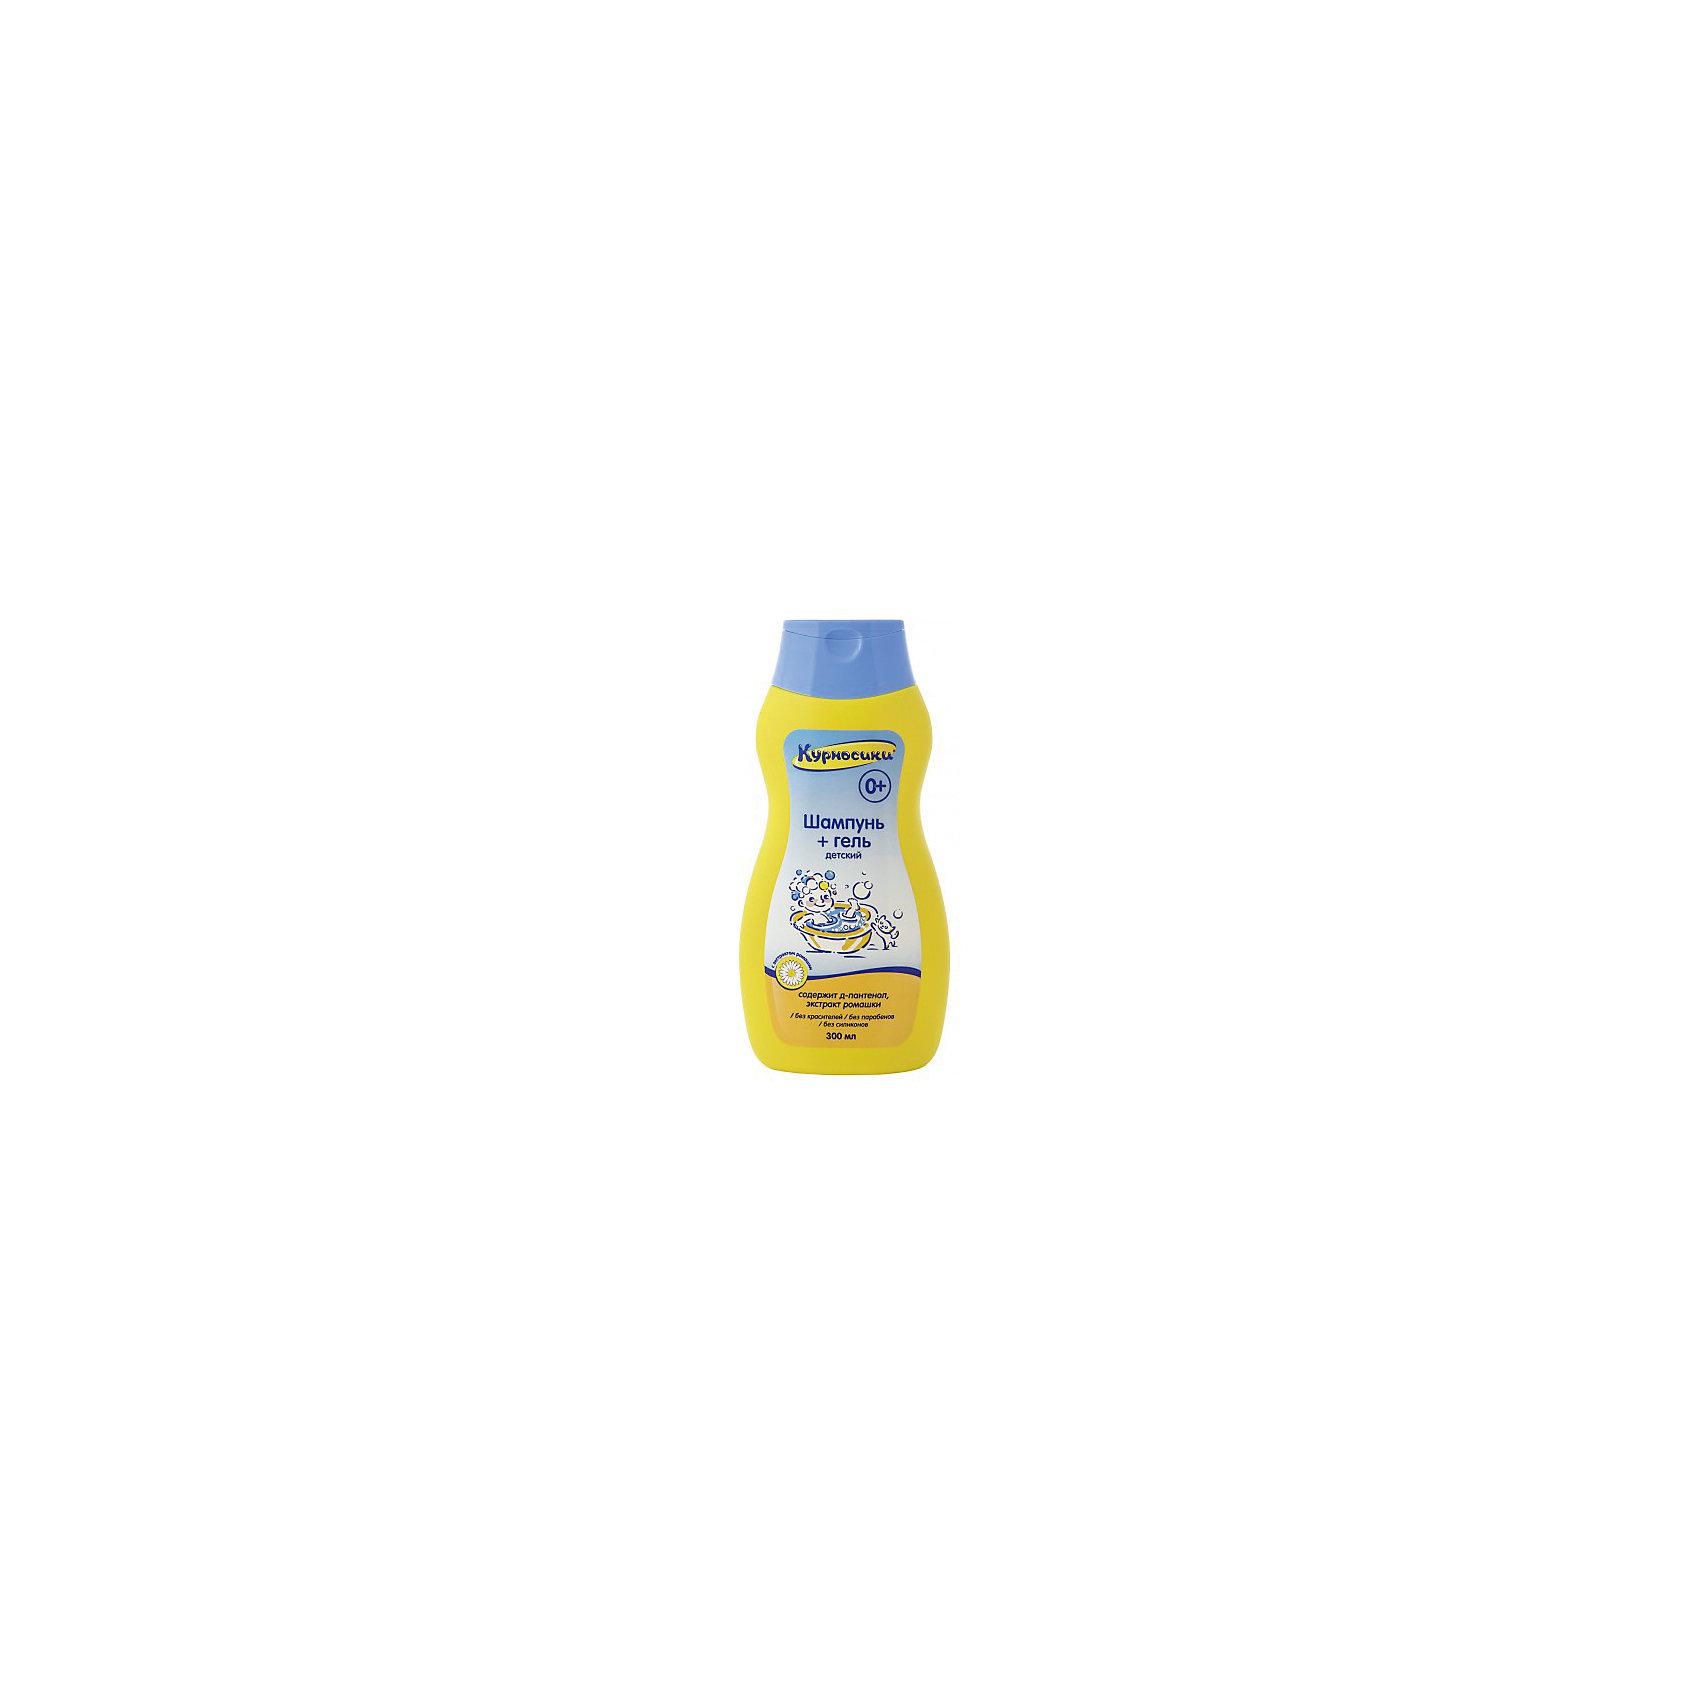 Средство для купания детское,шампунь + гель с экстрактом ромашки, 300 мл., Kurnosiki (Курносики)